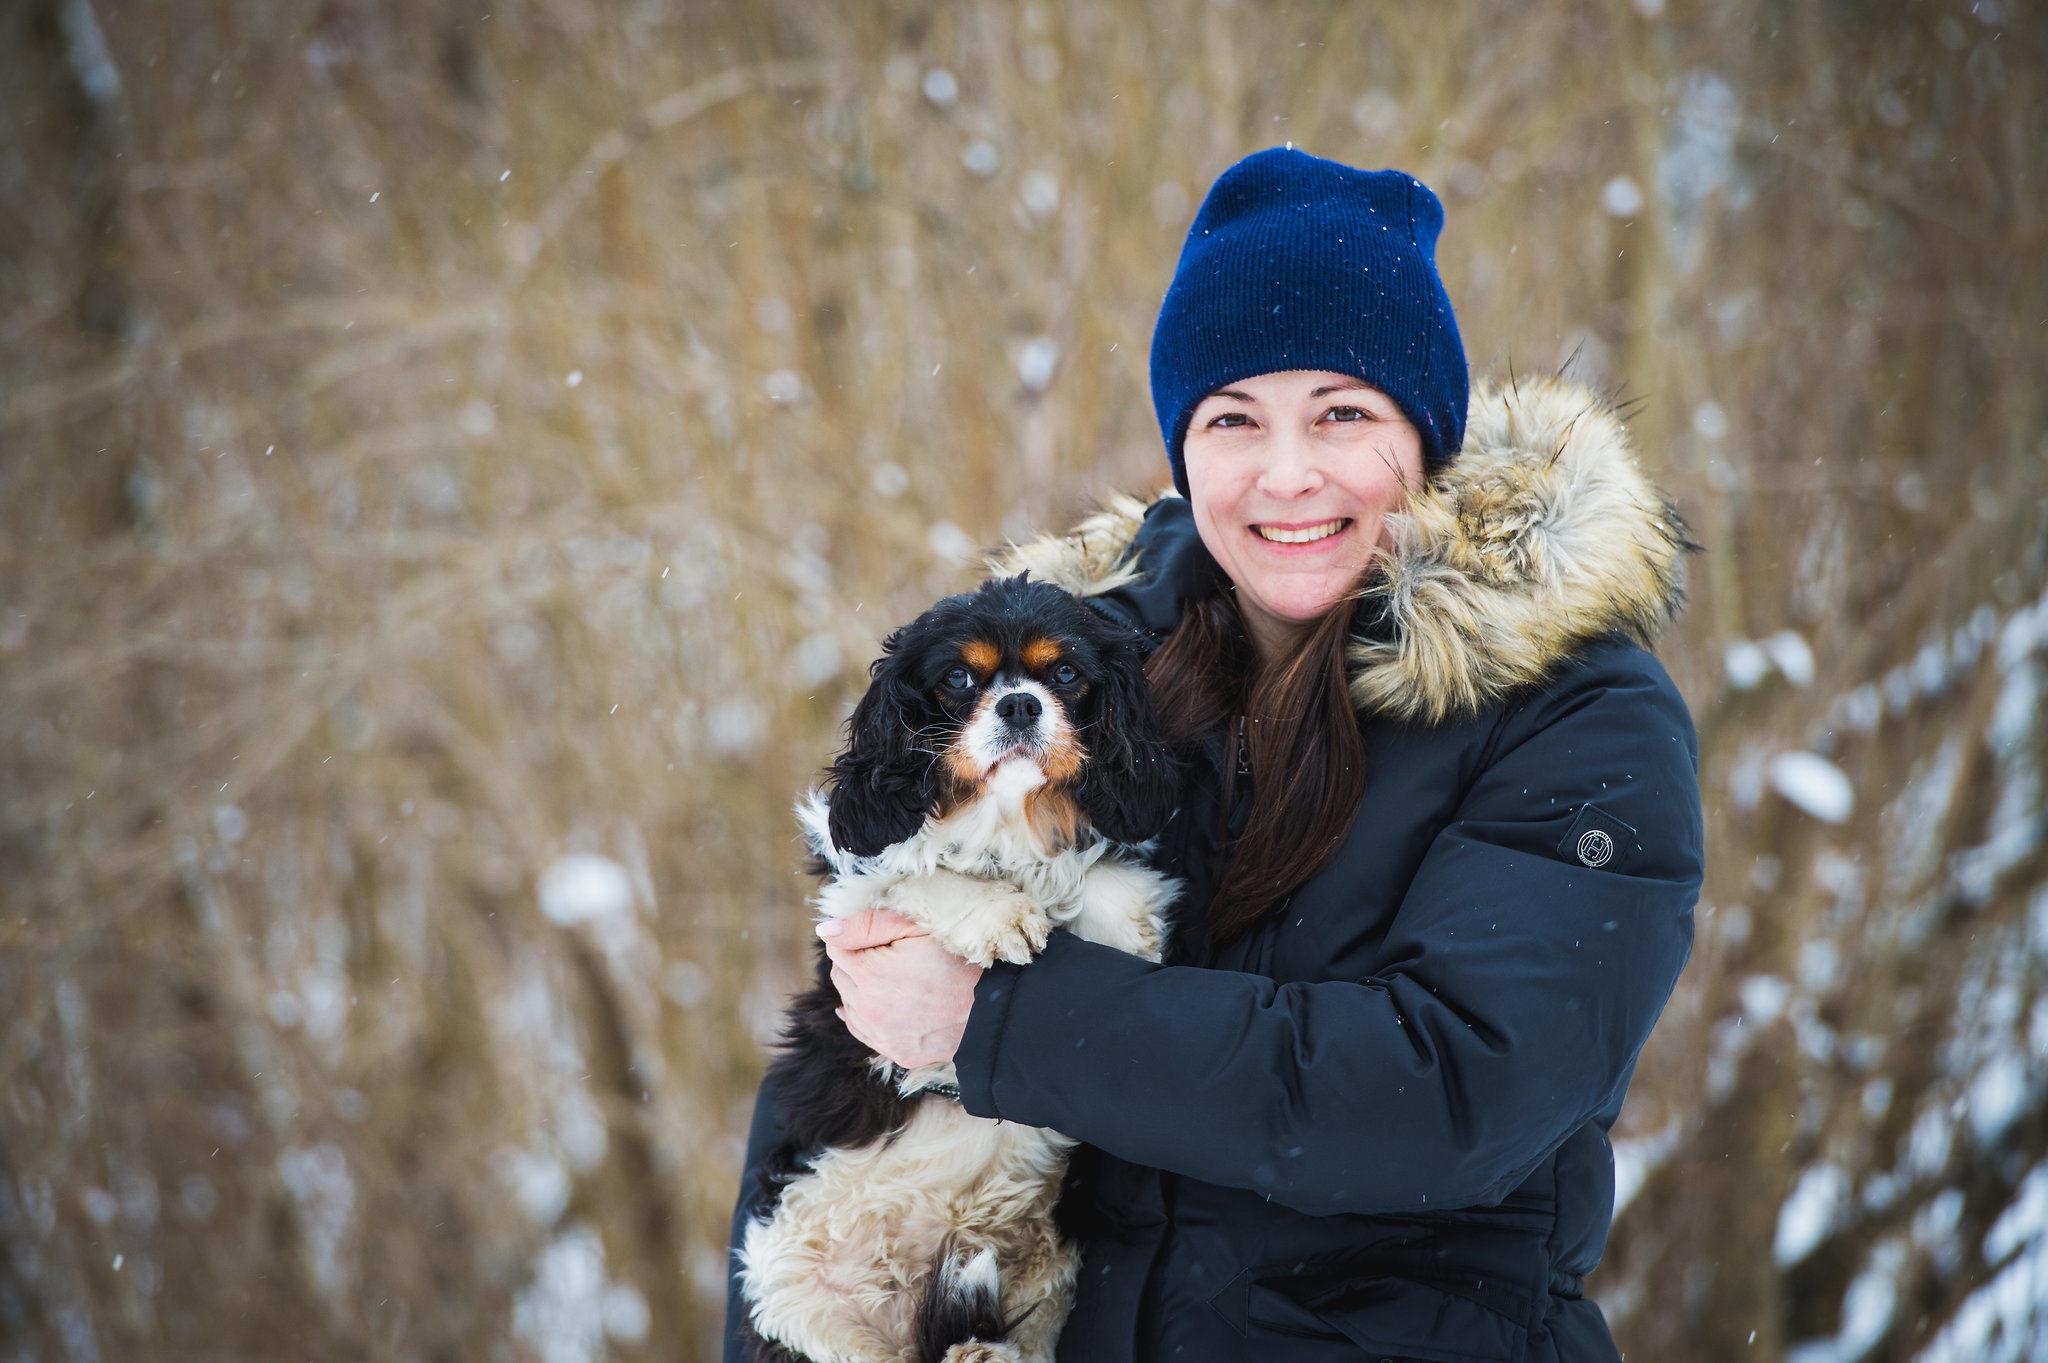 Hundfotografering, Hundfoto, Hundföretag, Företagsfotografering